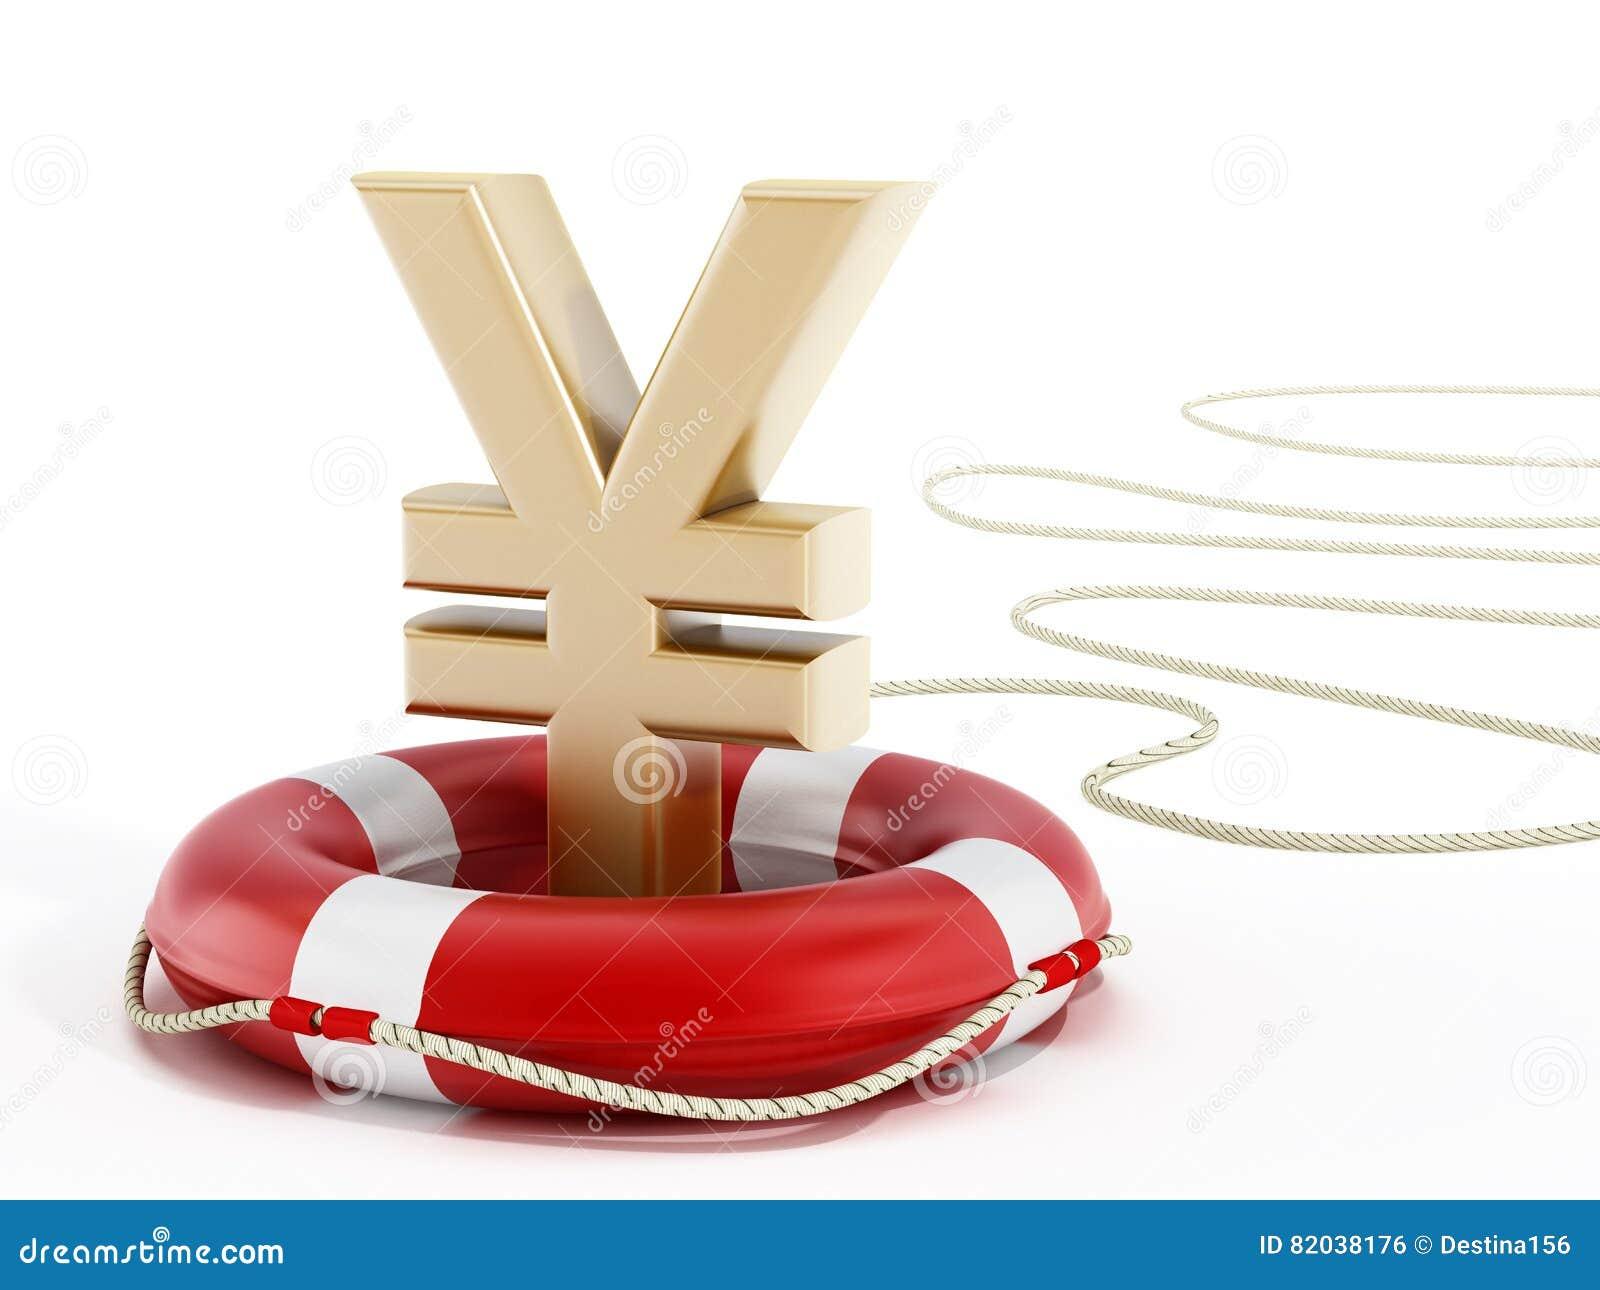 Símbolo dourado dos ienes no cinto de salvação ilustração 3D